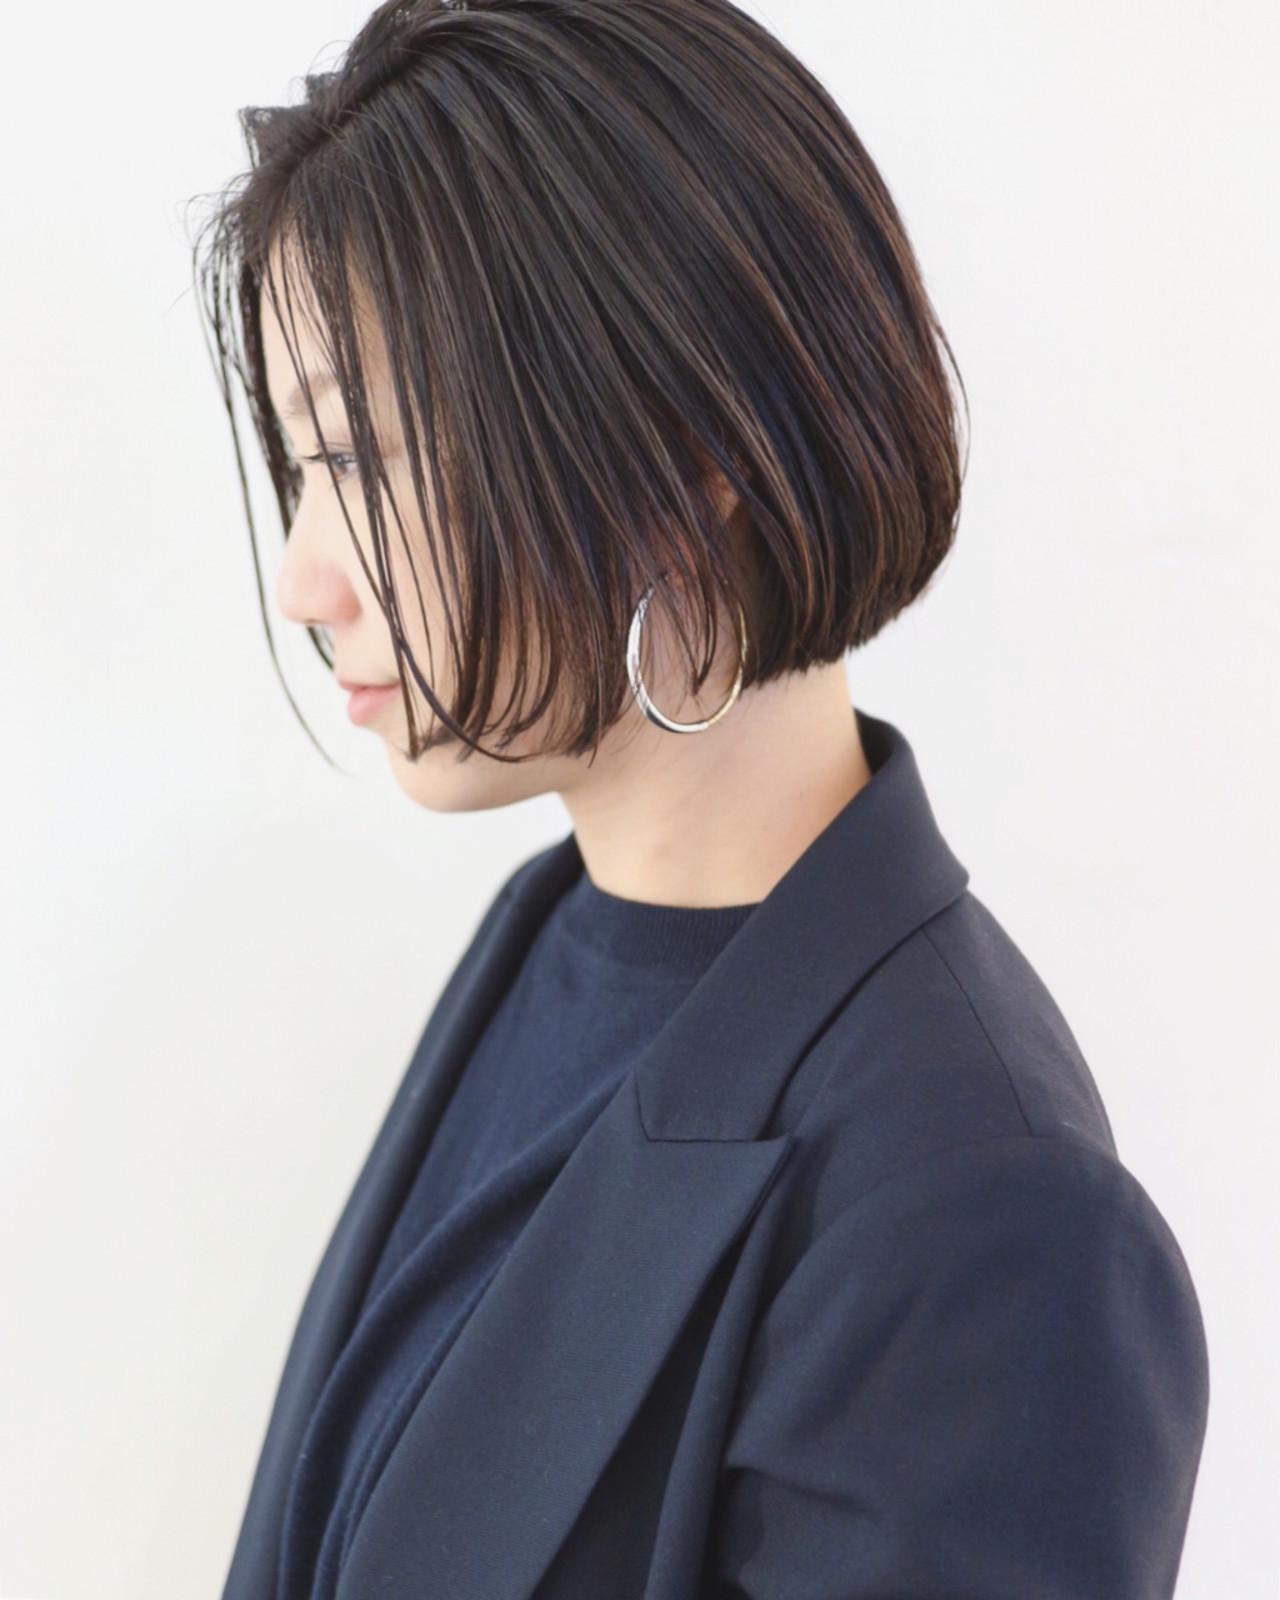 エレガントなブルージュボブ 三好 佳奈美  Baco.(バコ)